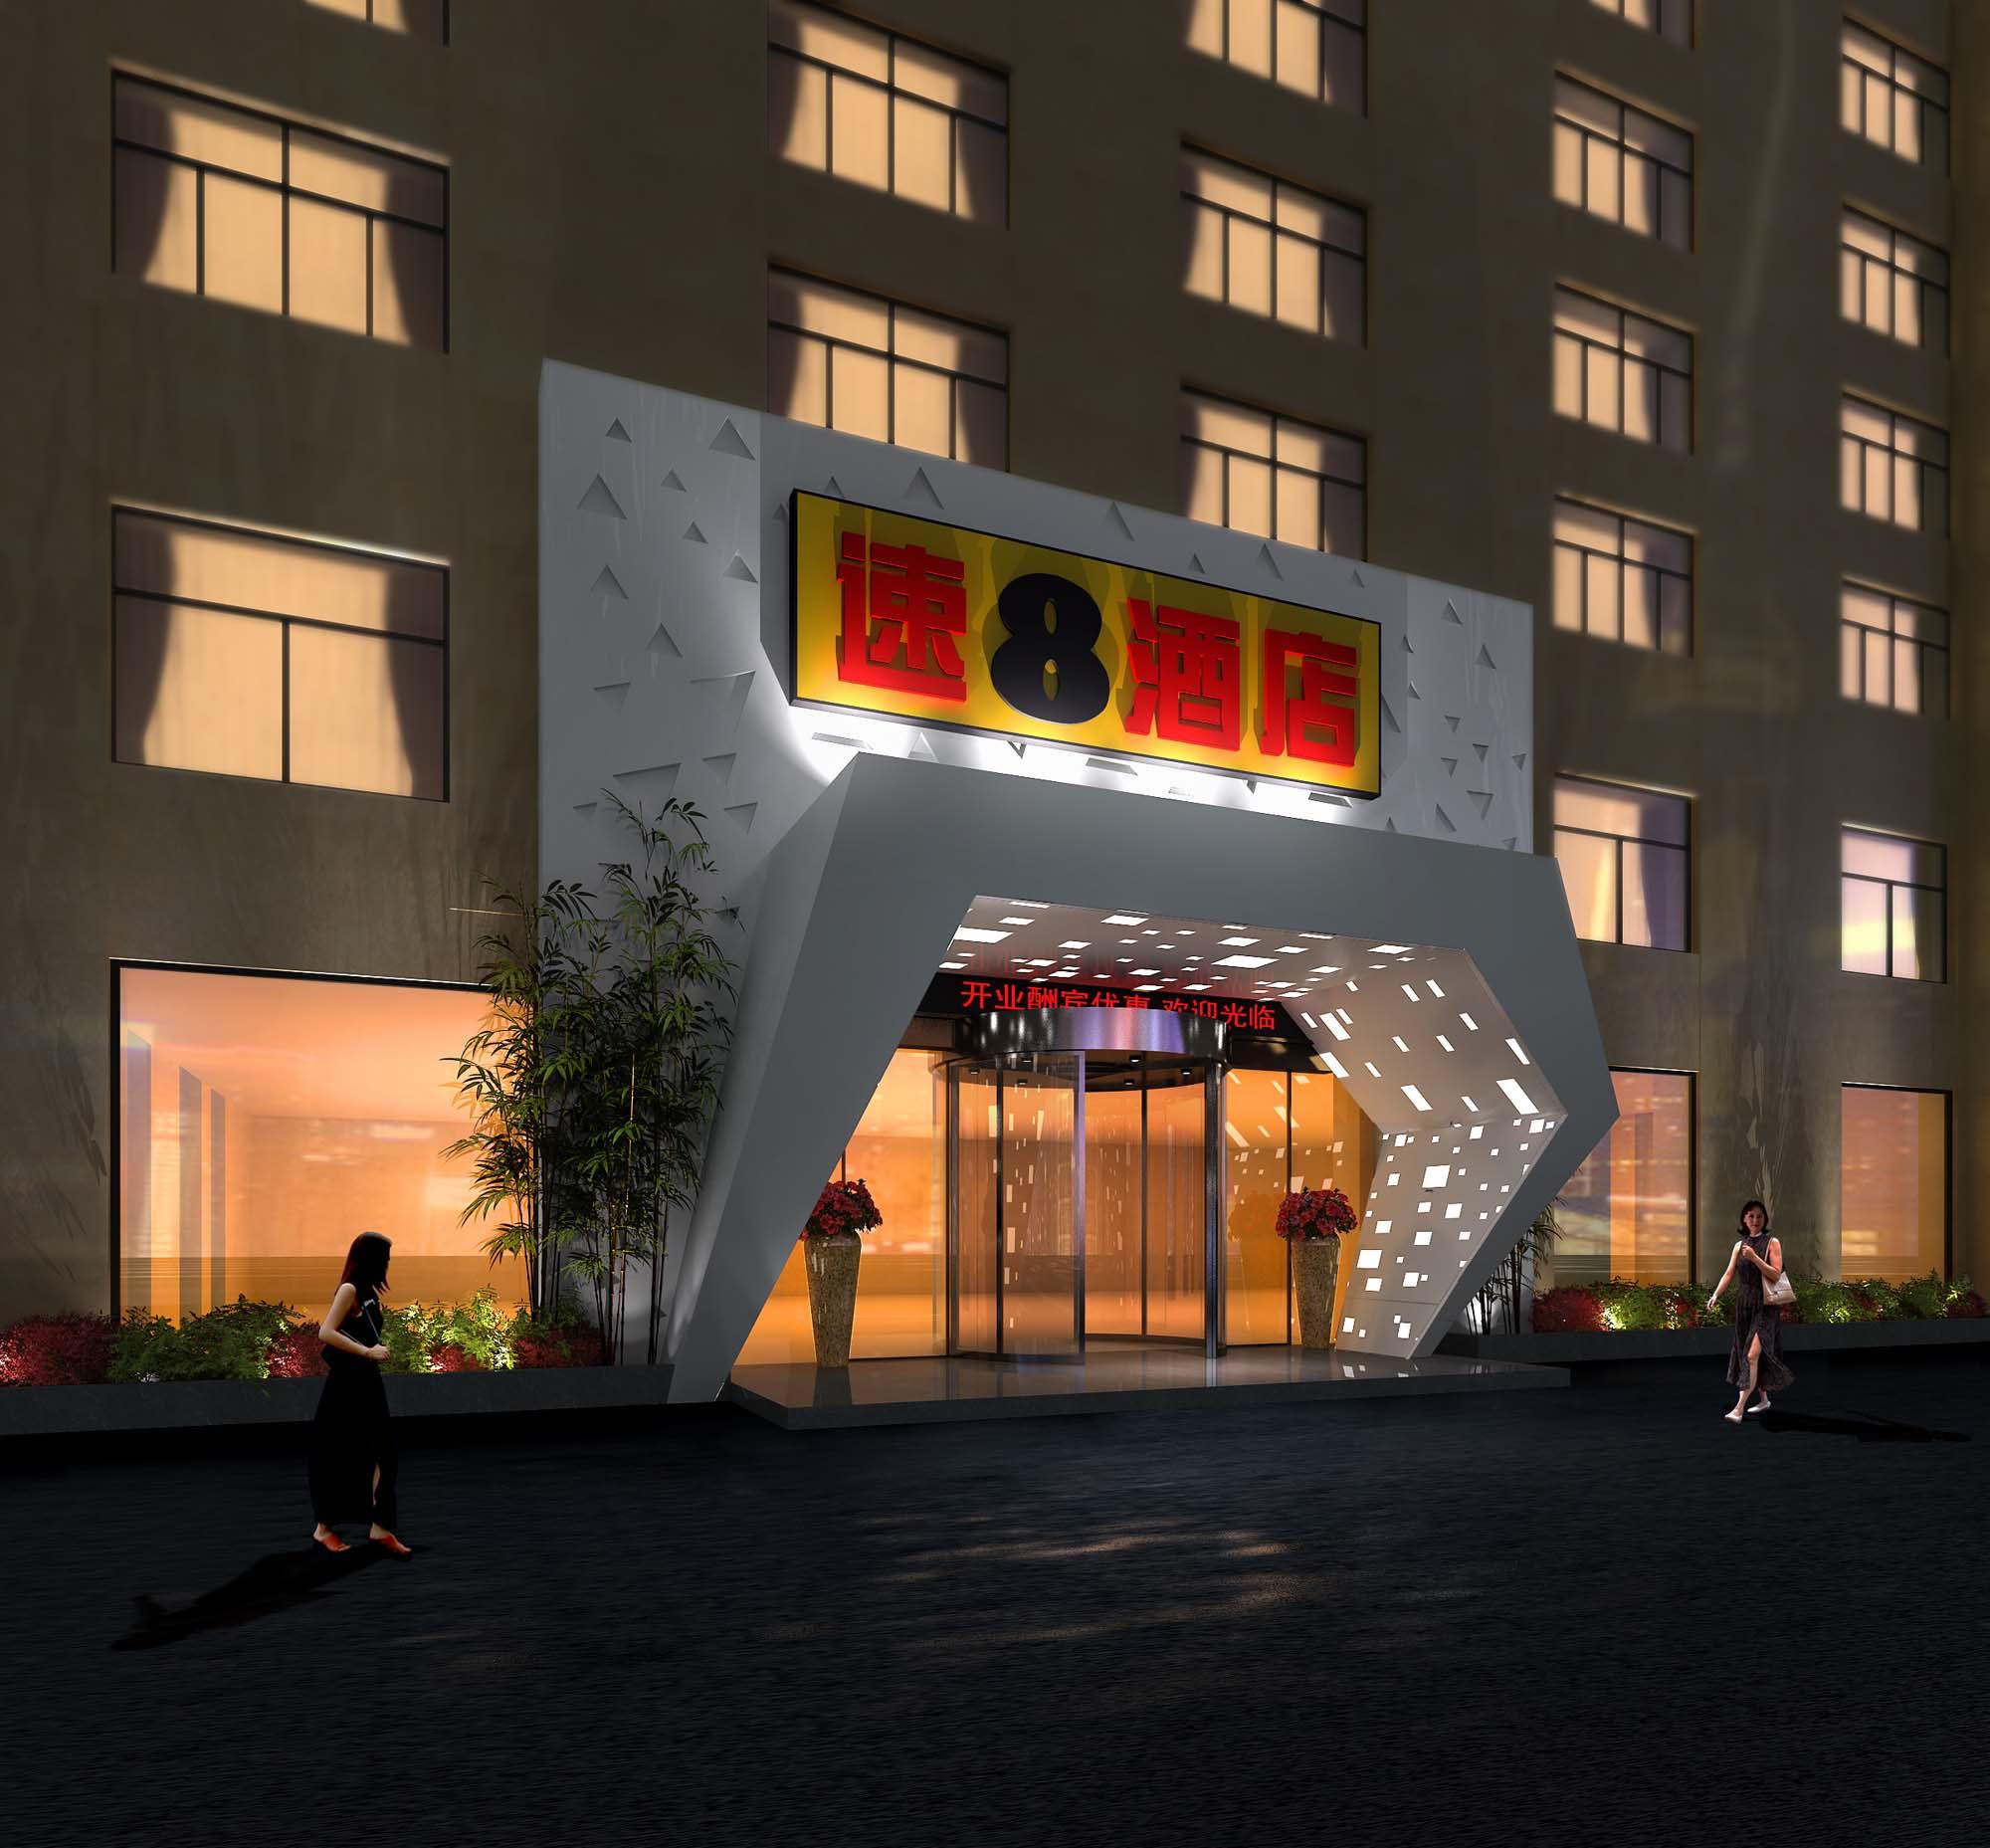 南京快捷酒店门头设计哪家独特